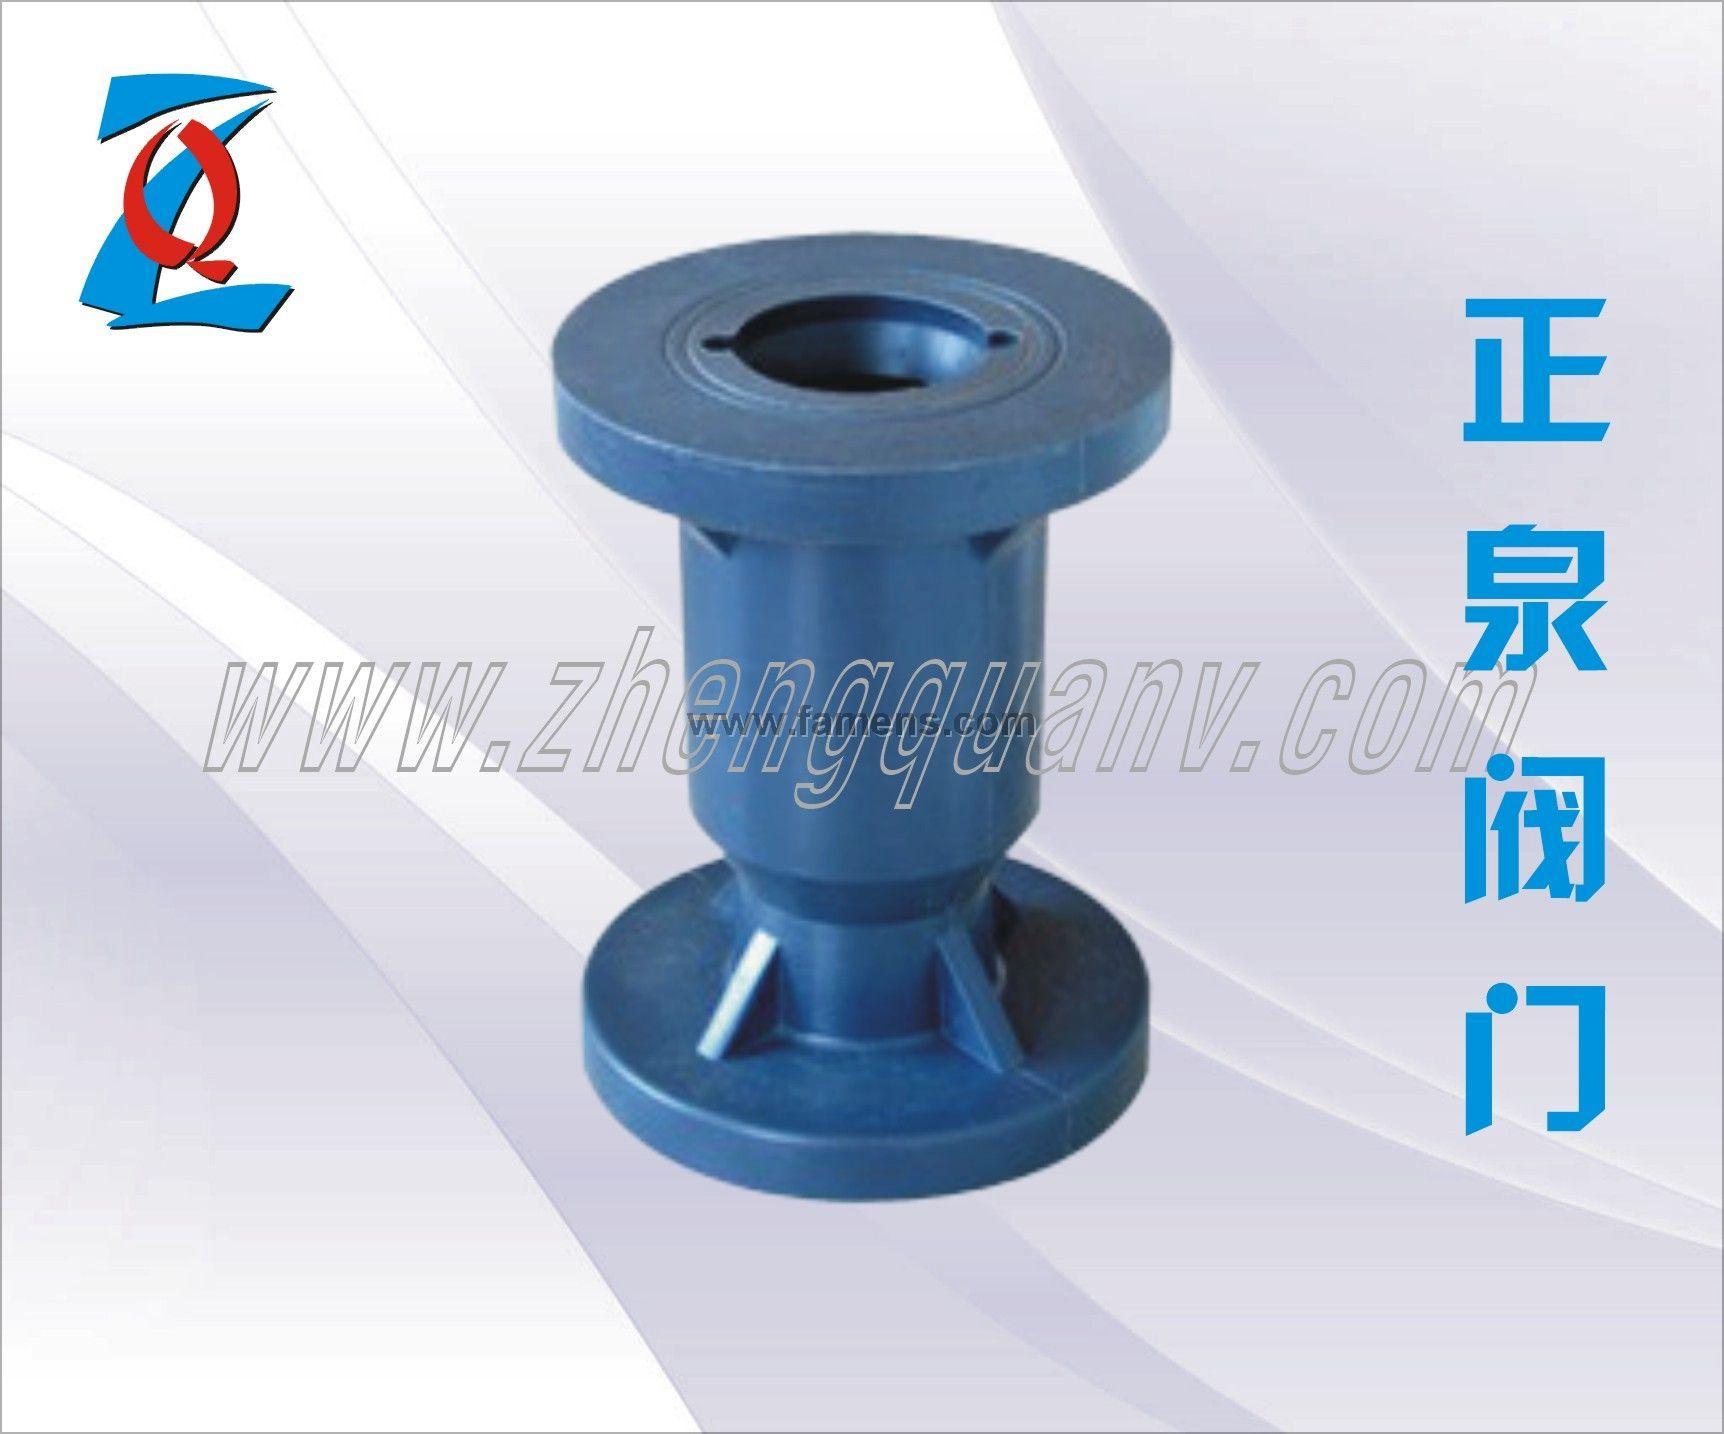 塑料止回阀(球芯式)H41F-10S